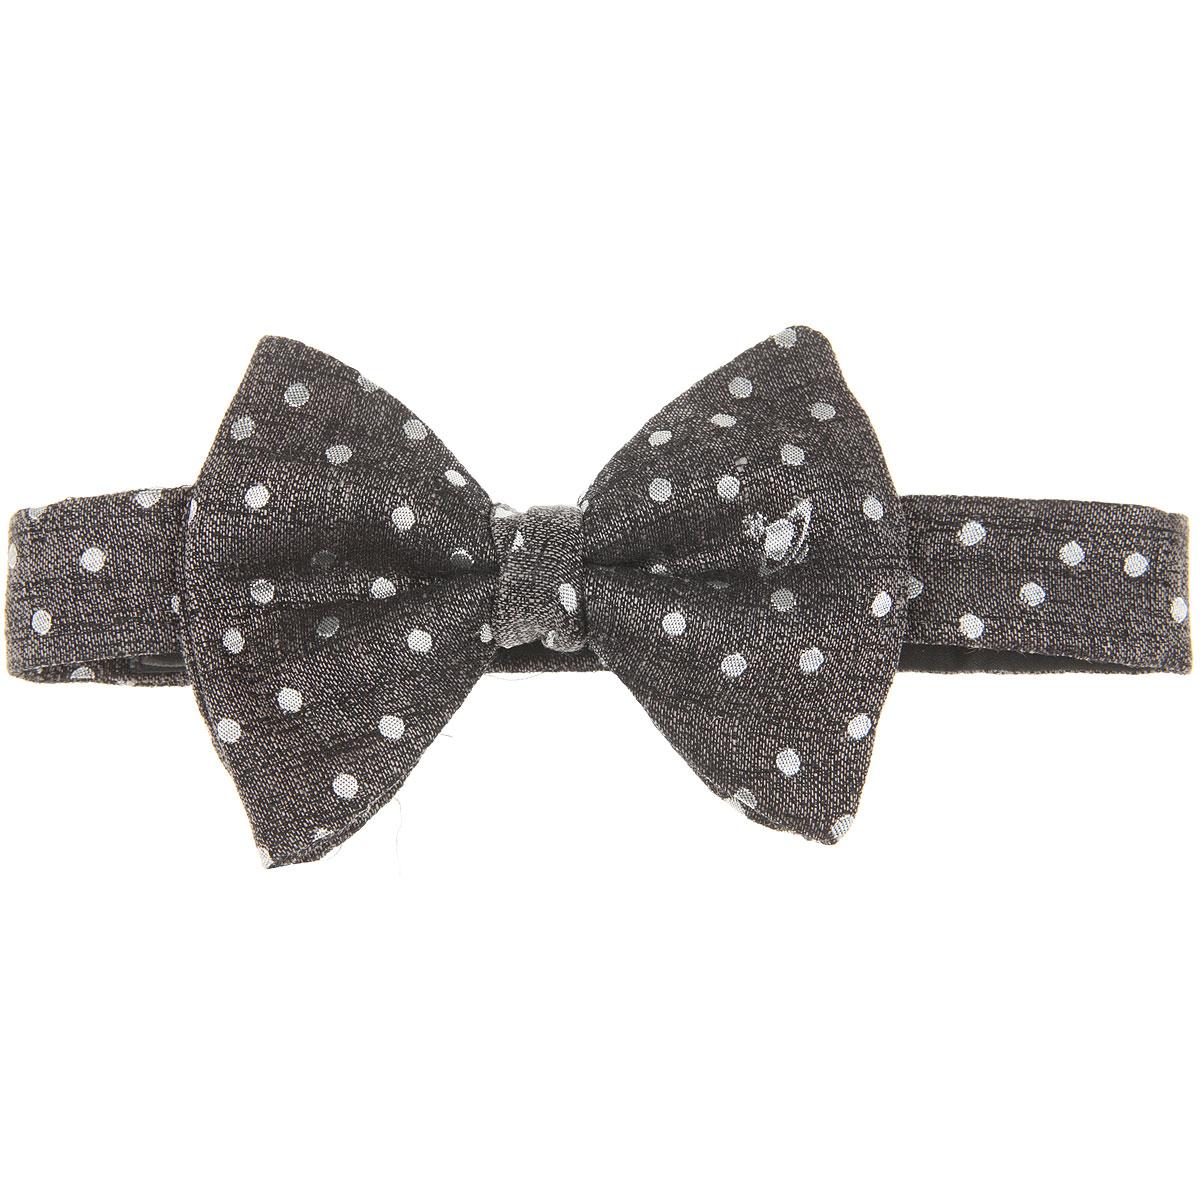 Vivienne Westwood Cravates Pas cher en Soldes, Mélange noir, Soie, 2019